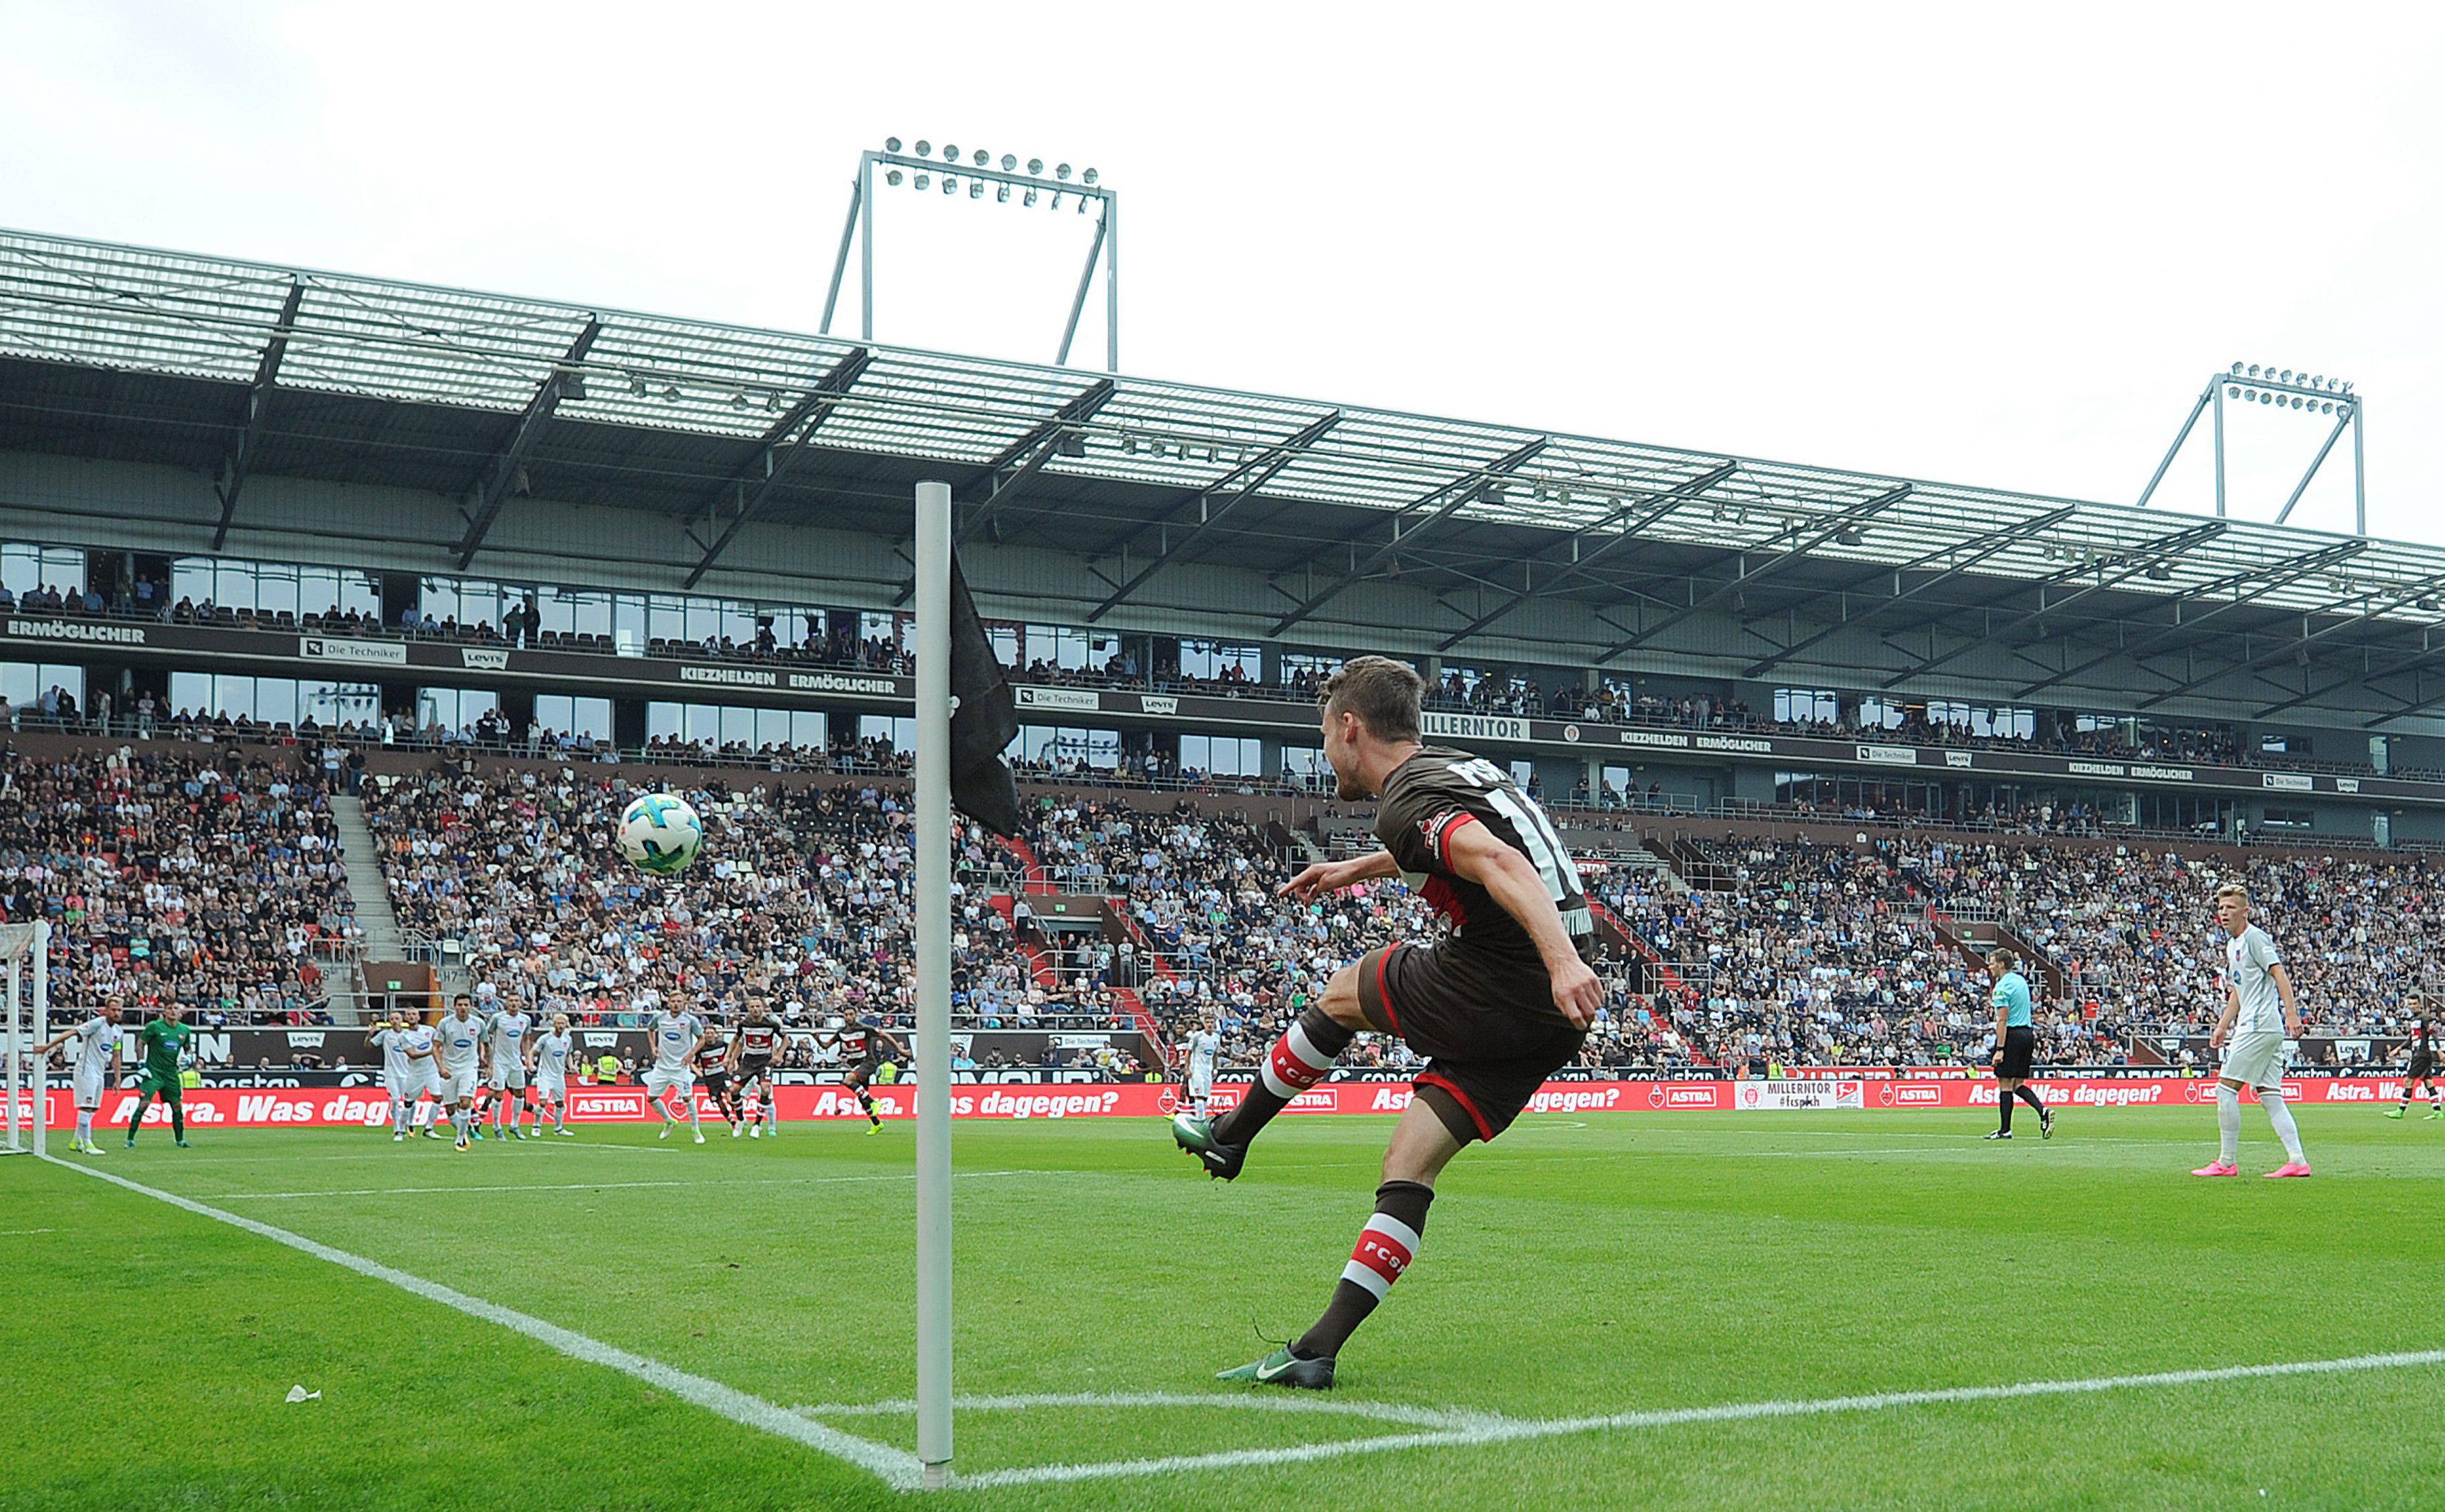 Heimspiel gegen Duisburg ausverkauft - noch Restkarten gegen Bochum, Darmstadt & Nürnberg